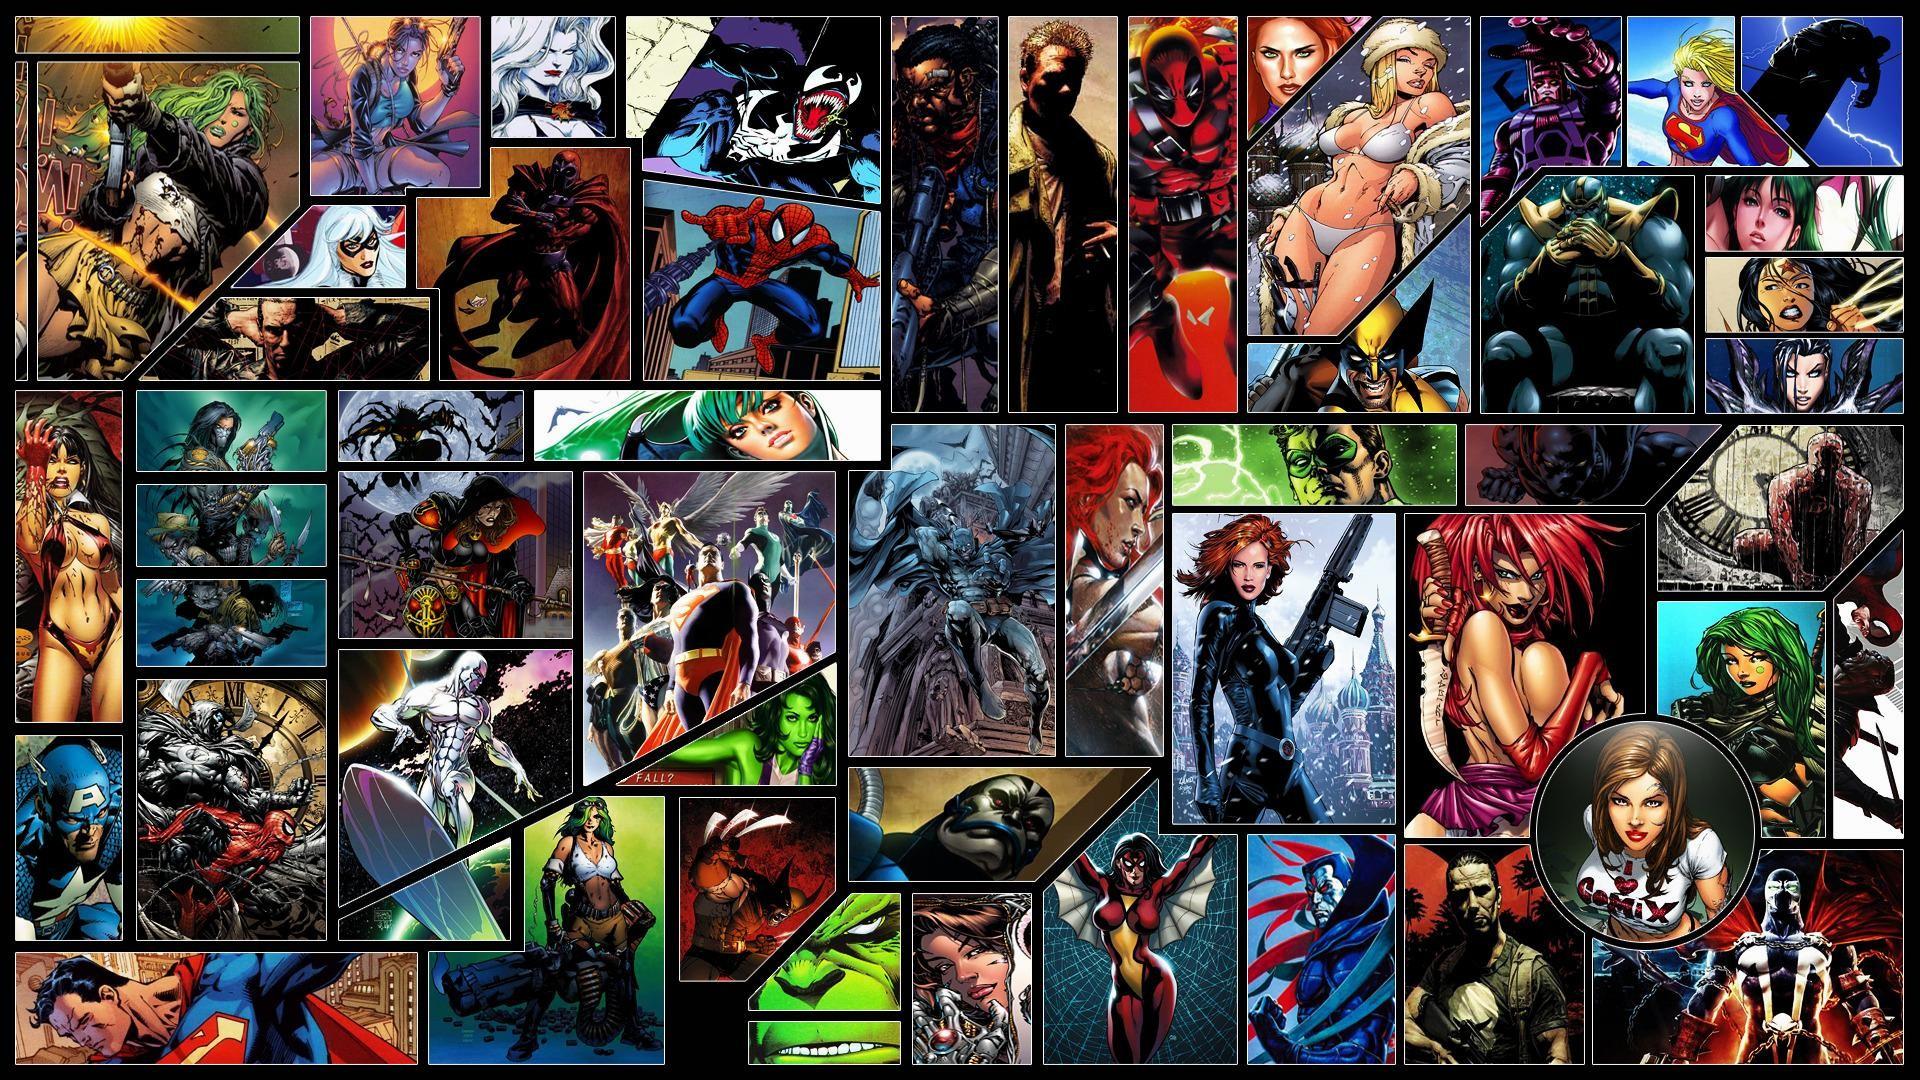 Marvel iphone wallpaper marvel iphone wallpaper8 600×338 – 6 Comic  Wallpaper6 600×338